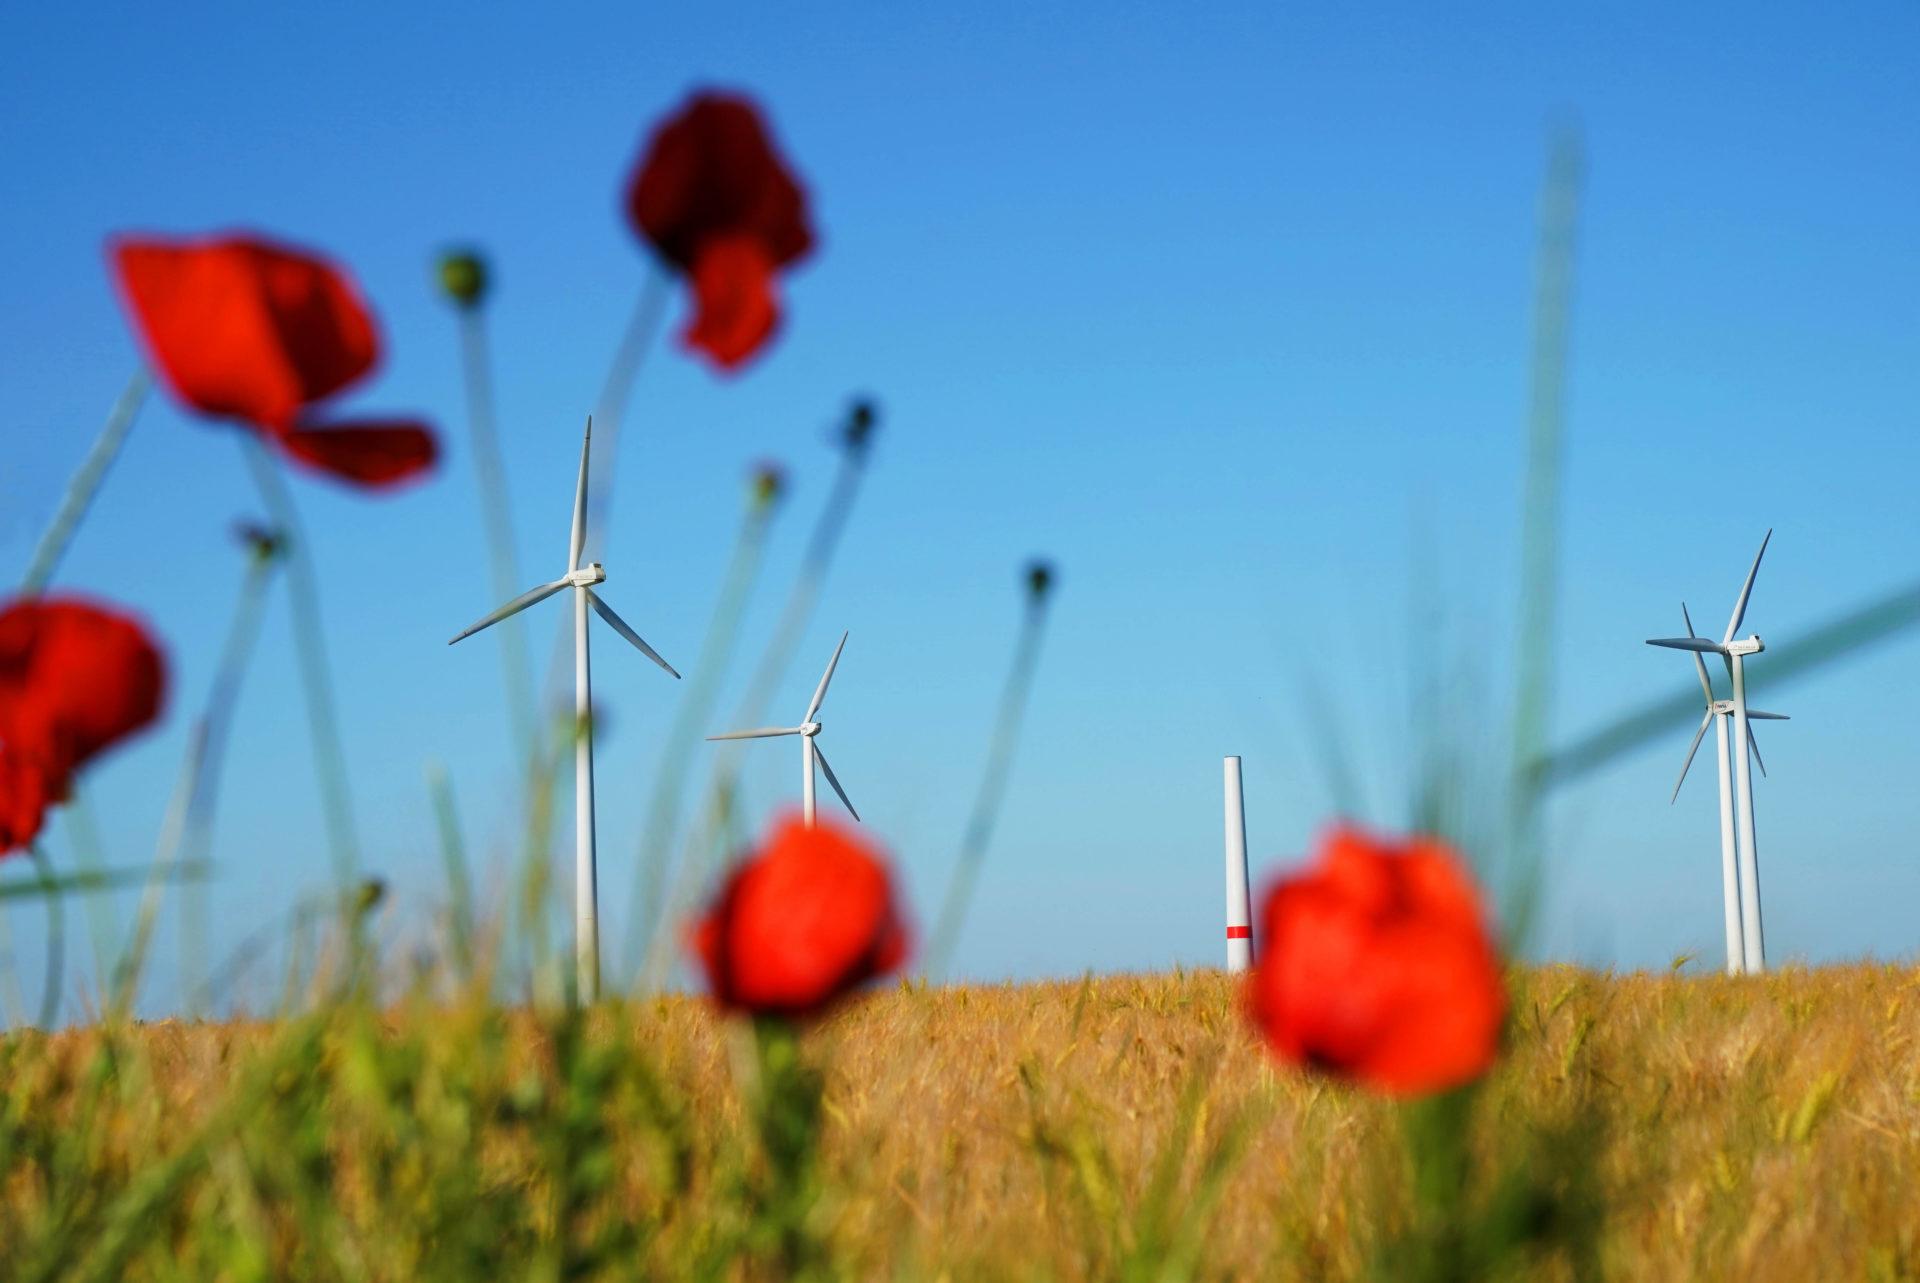 Wo kommt unser Strom der Zukunft her? Wo unsere Energie? Innovative Projekte gibt es schon heute. Der Strom der Zukunft ist lokal und naturverträglich.